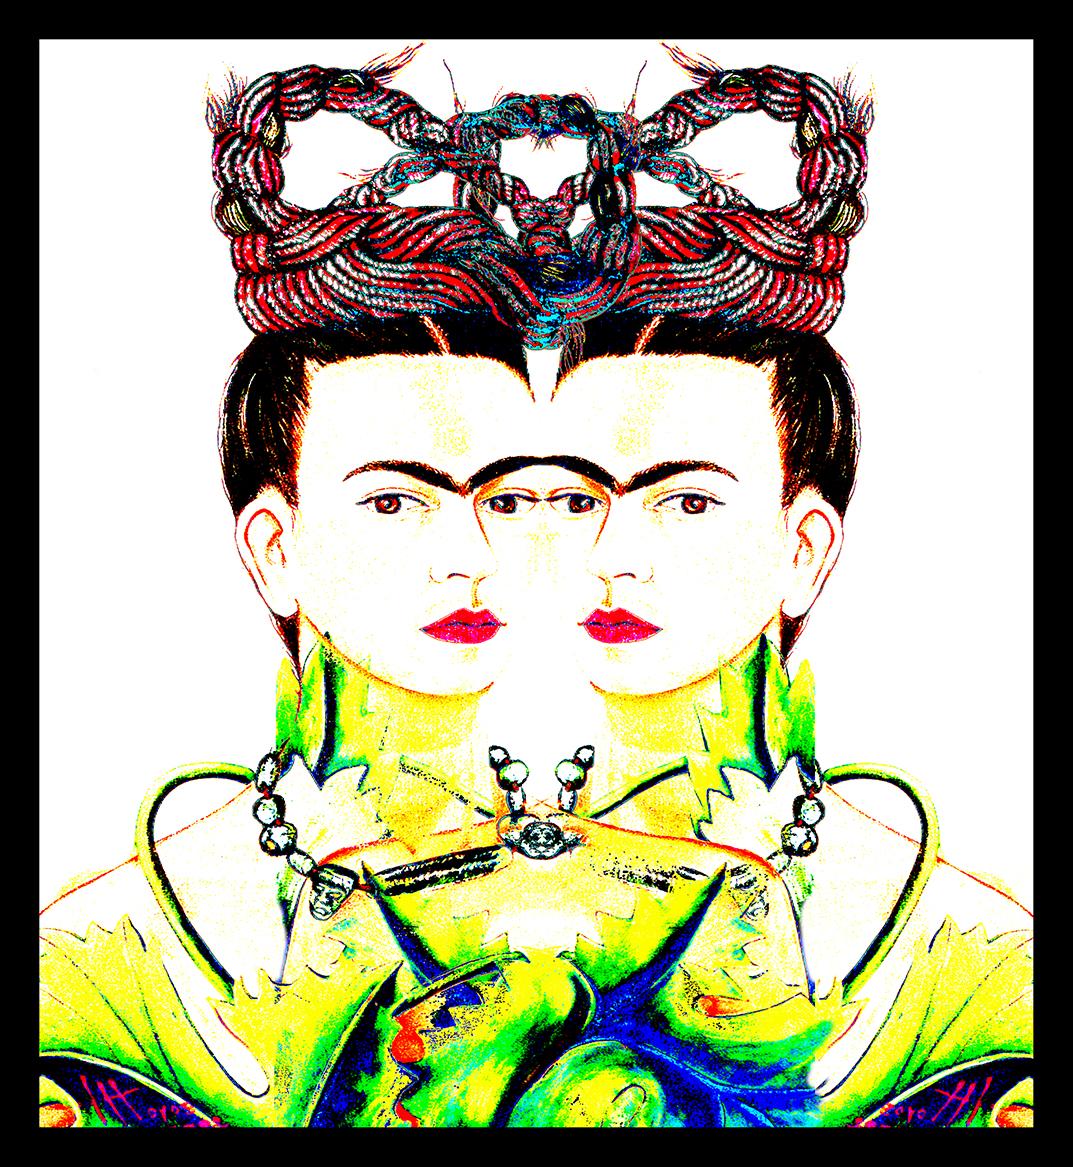 Auf wenige Farbwerte reduziertes Bild einer jungen Frau im Halbprofil, in der Bildmitte gespiegelt, vier Augen sehen den Betrachter an.